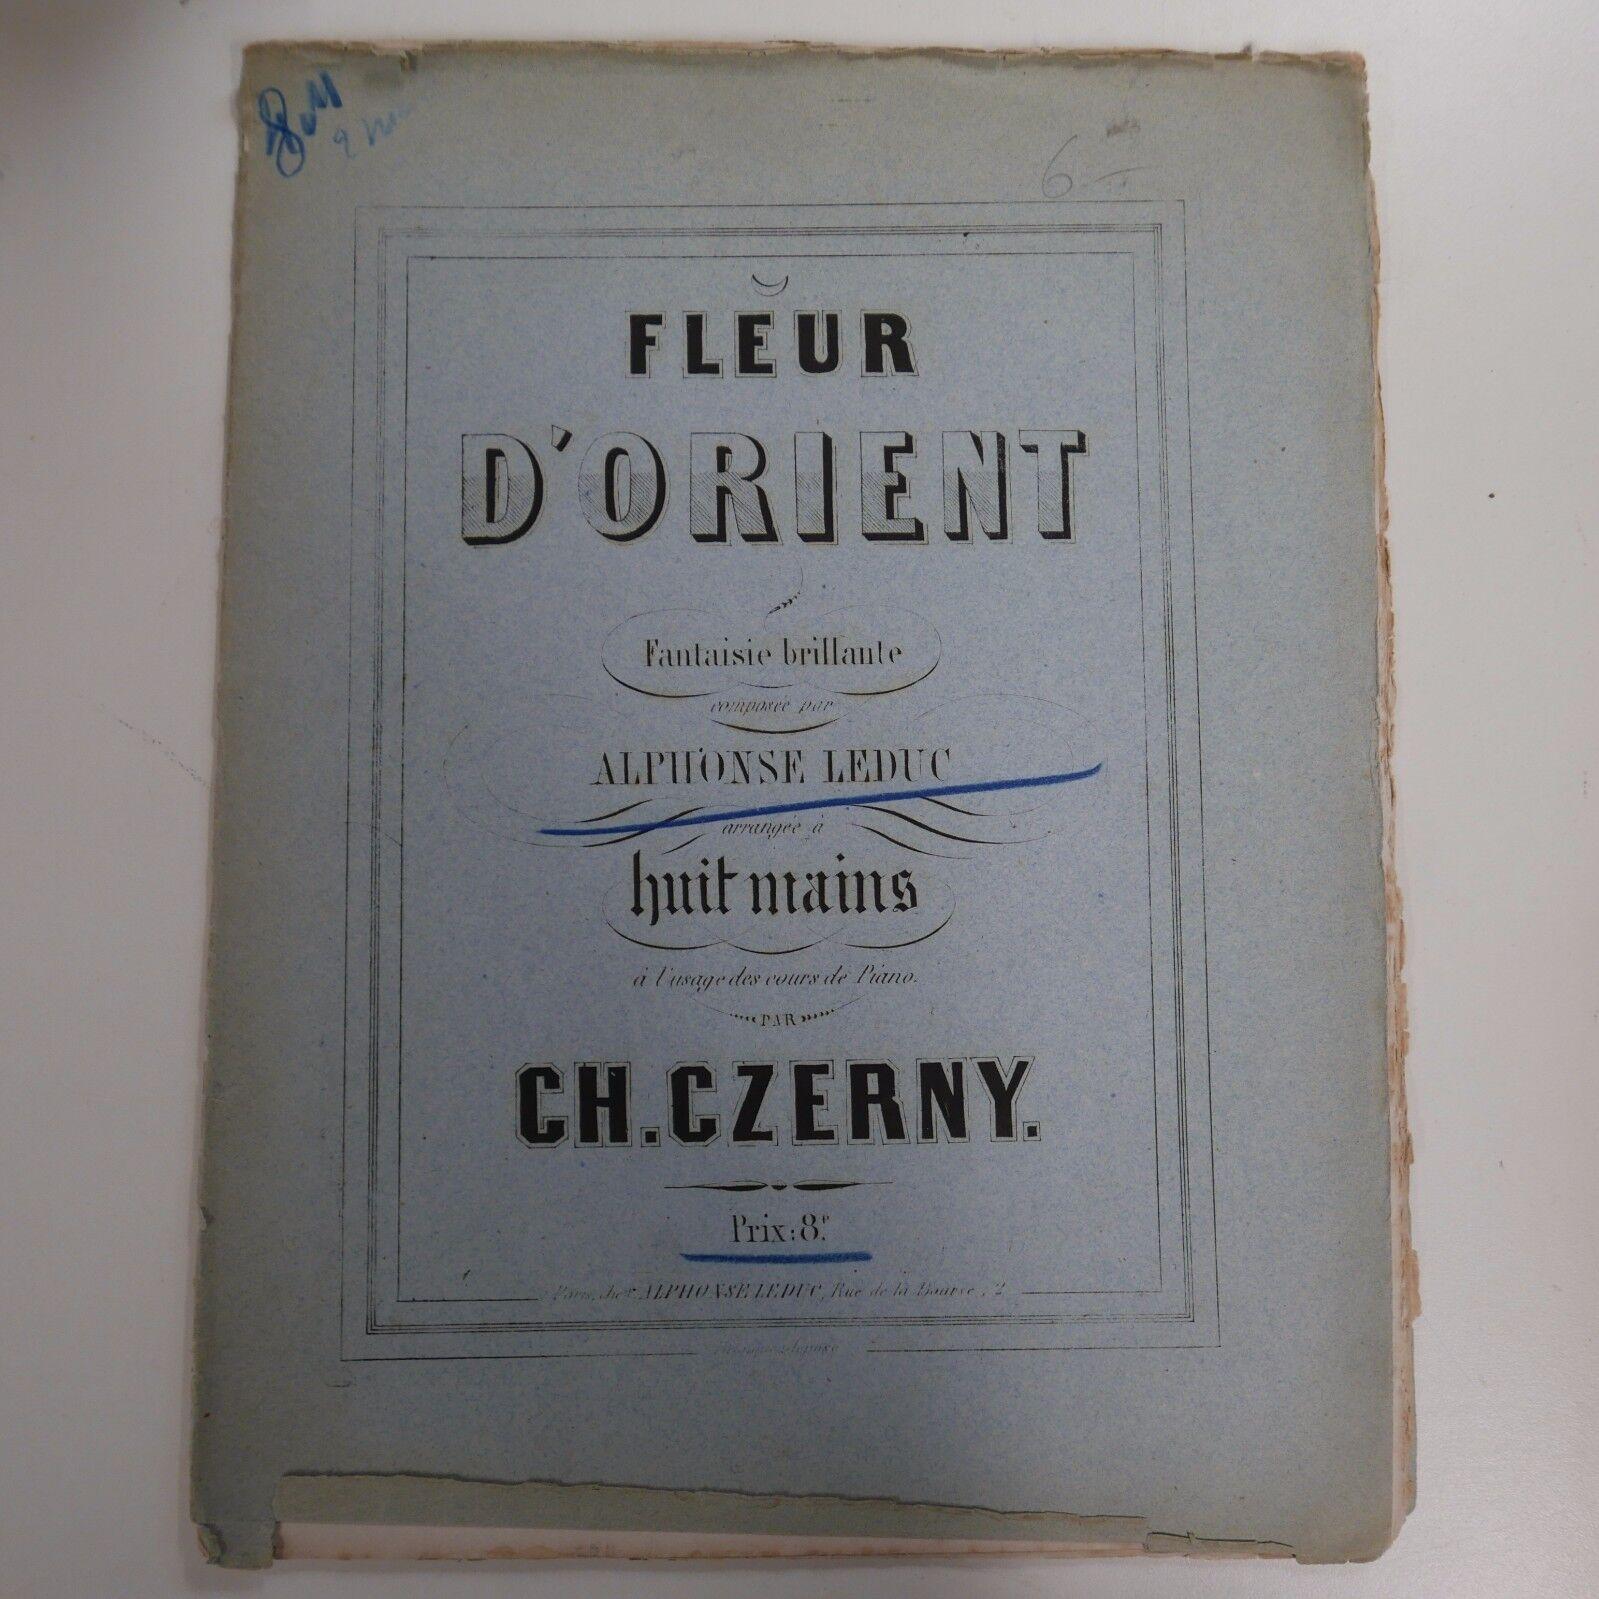 2 pianos 8 hands ALPHONSE LEDUC fleur d`orient , arr czerny , antique circa 1857